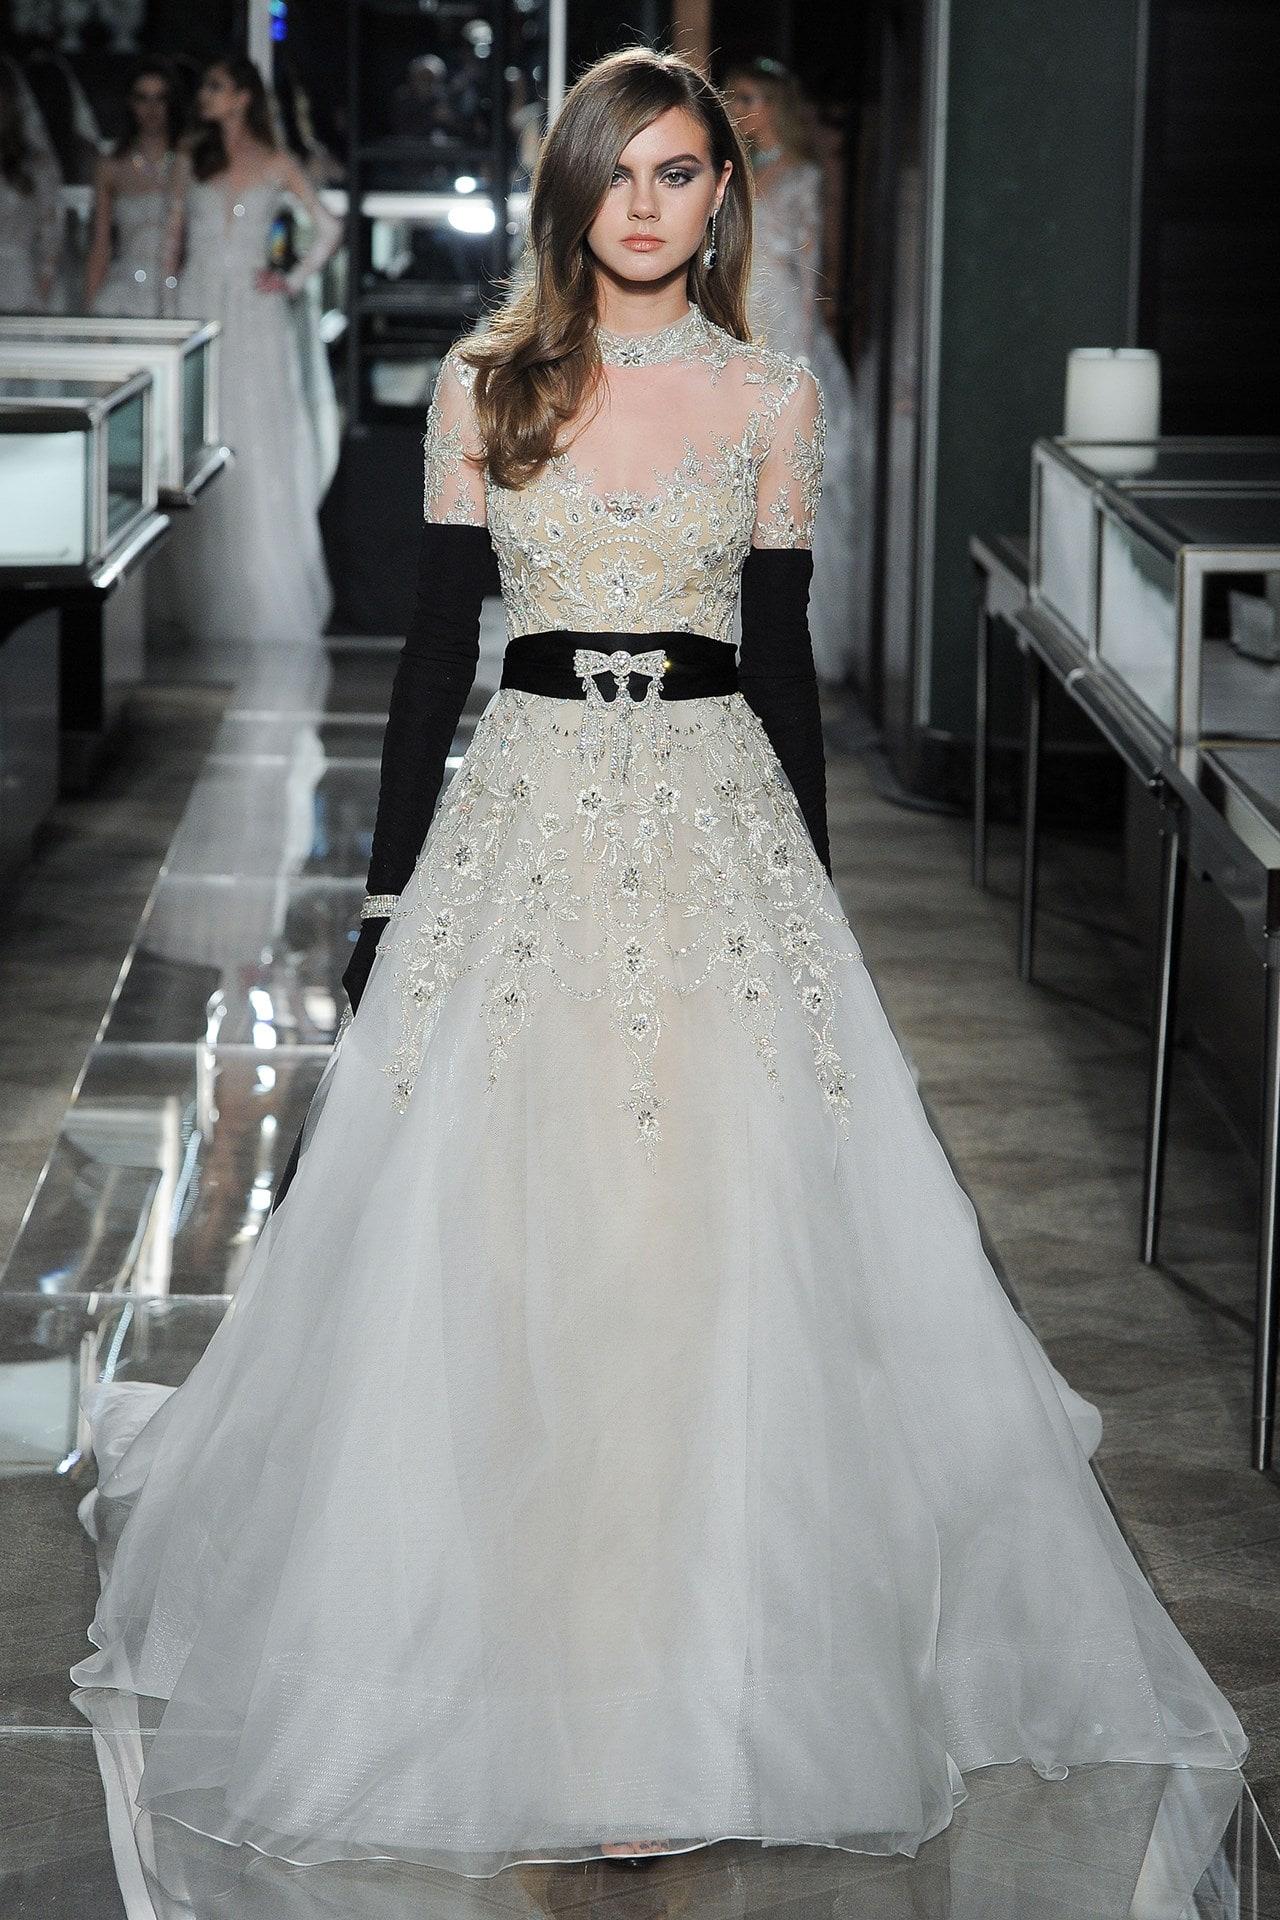 b_ree_lb_ss18_034-brides-19apr17-pr_b-min